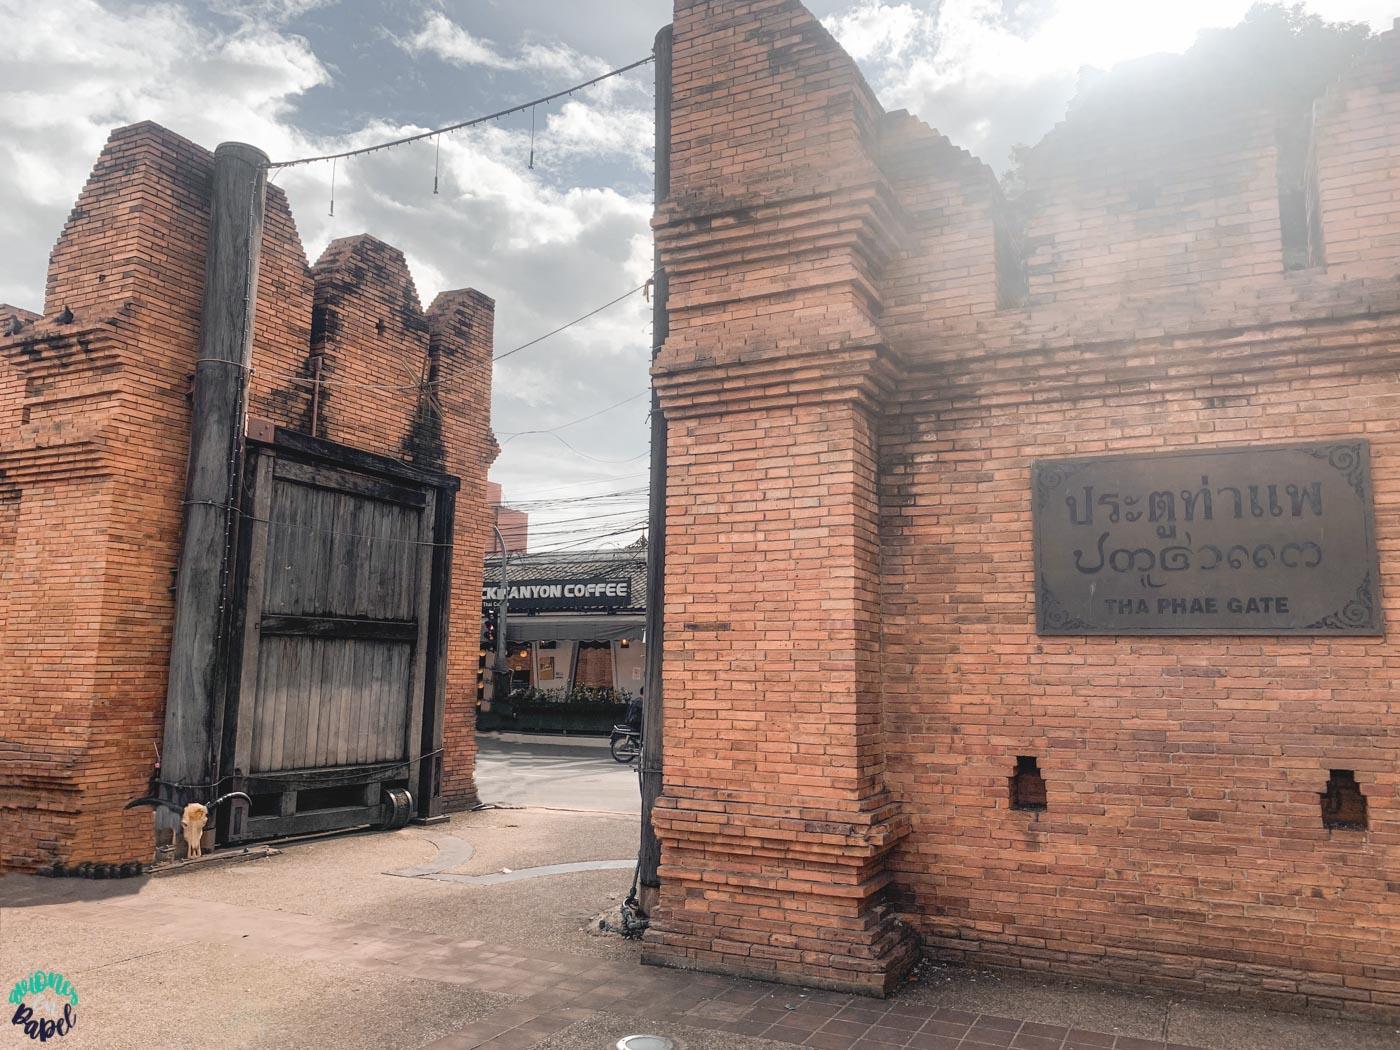 Tha Phae Gate - Qué ver y hacer en Chiang Mai en 3 días